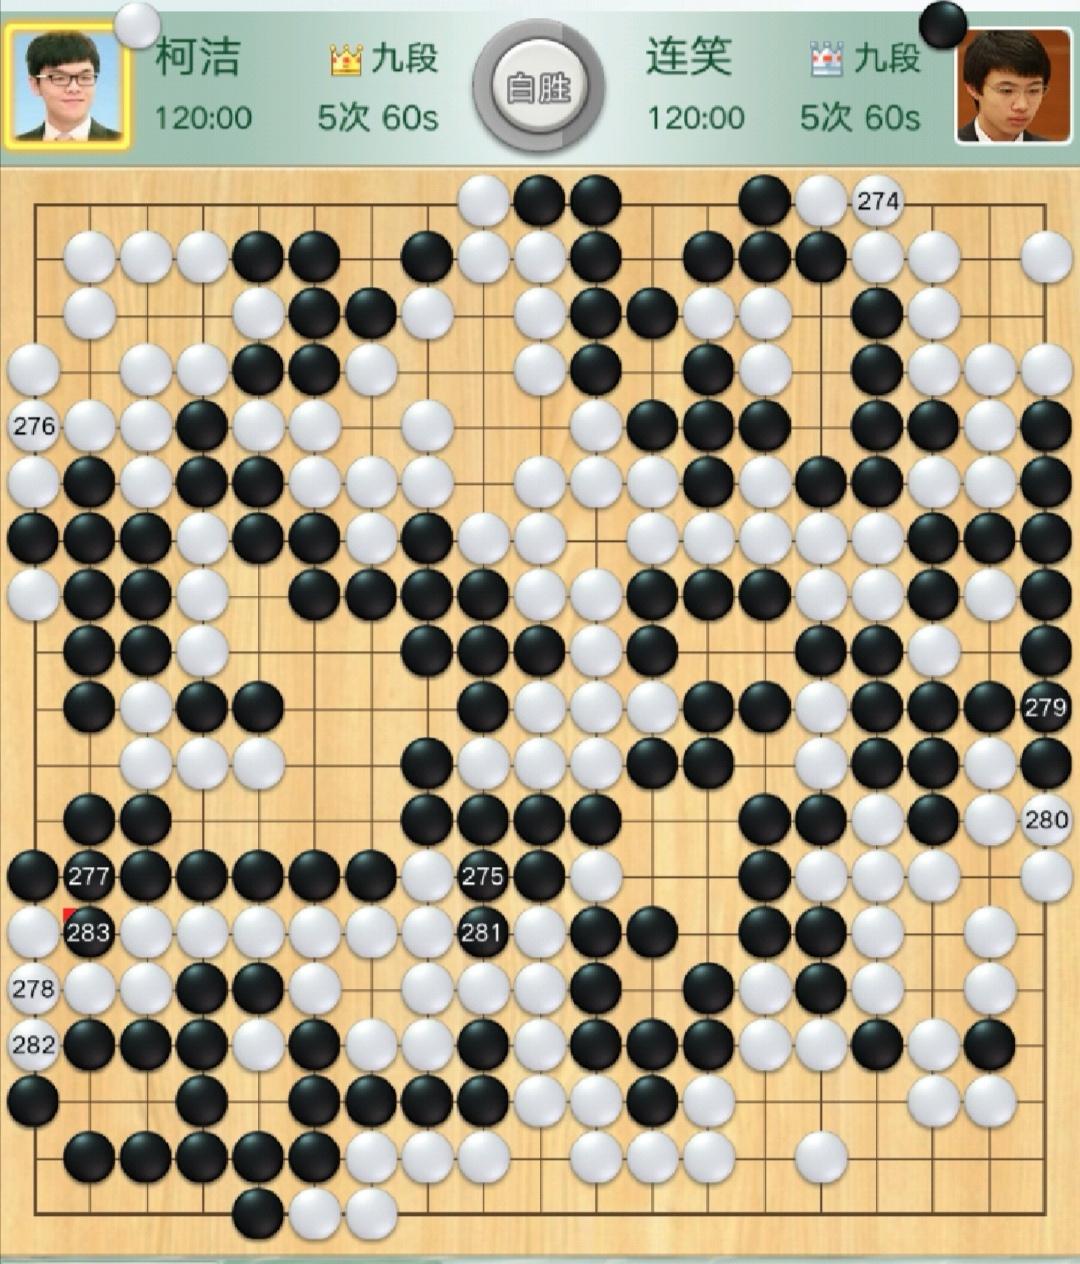 棋圣挑战赛:柯洁击败连笑,距离棋圣仅一步之遥